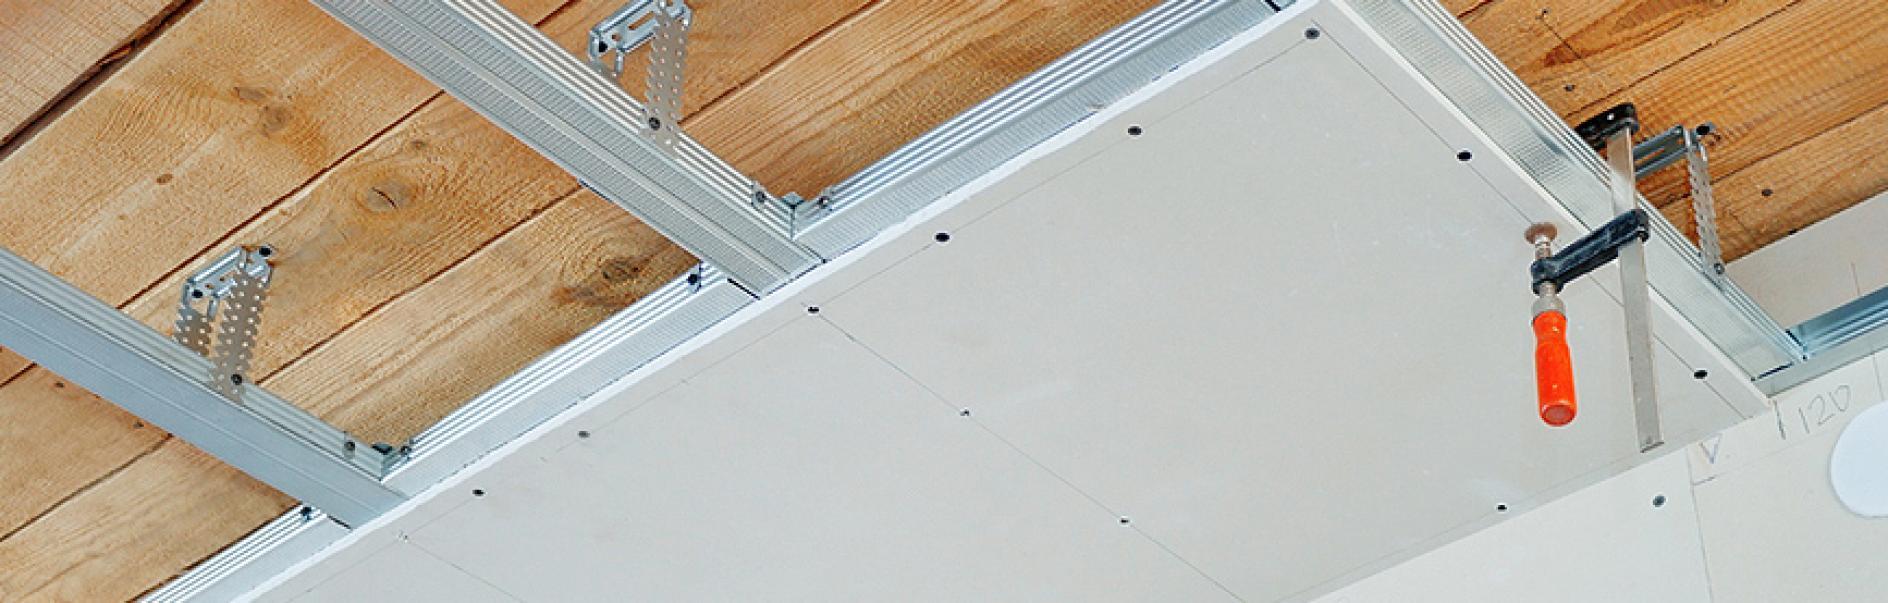 Zelf Een Verlaagd Plafond Maken